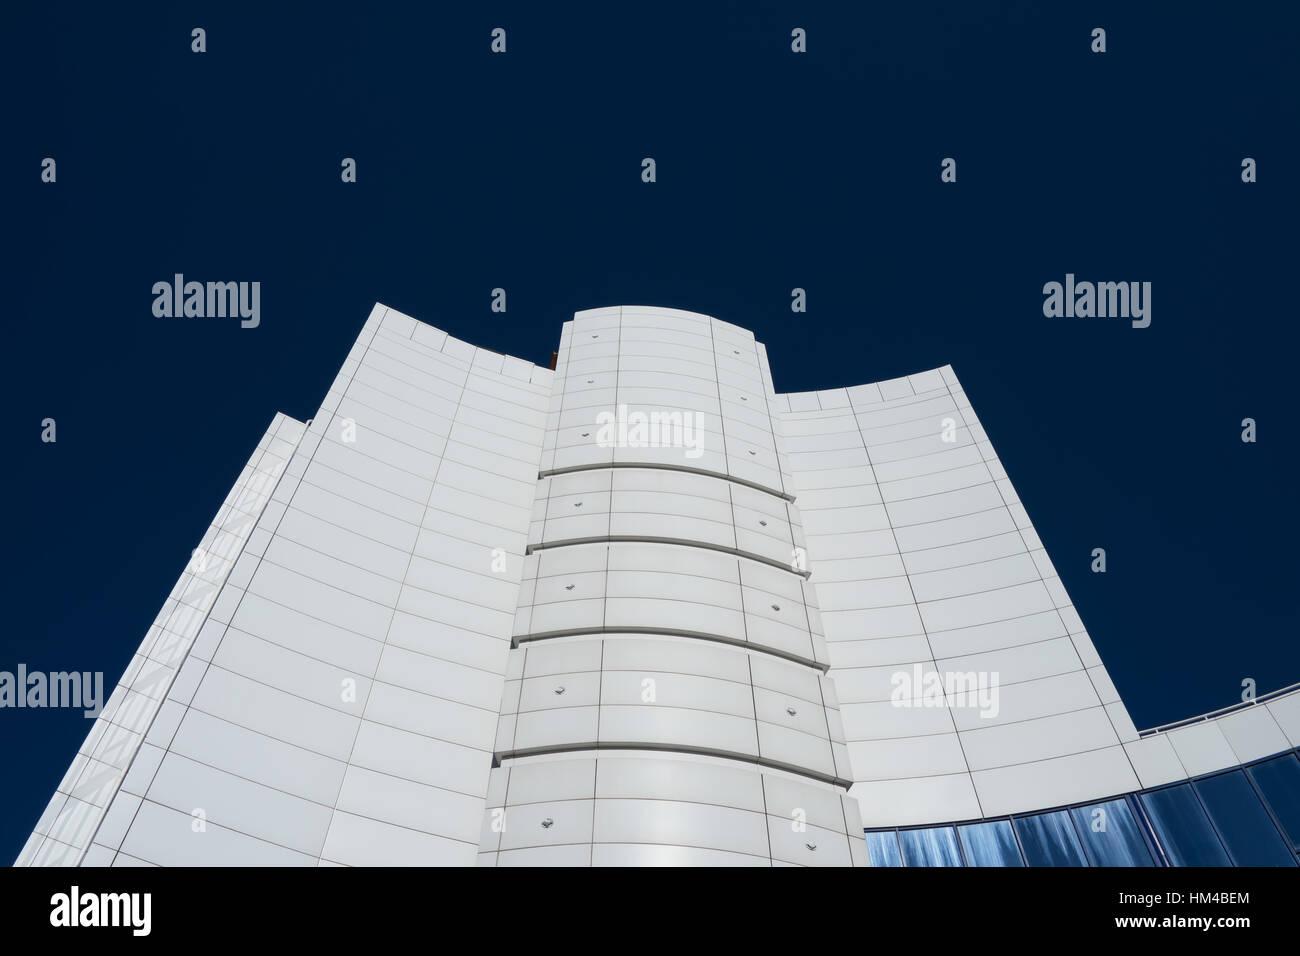 Moderno y alto edificio empresarial blanca sobre un fondo de cielo azul, sin nubes, contraste de imagen Imagen De Stock